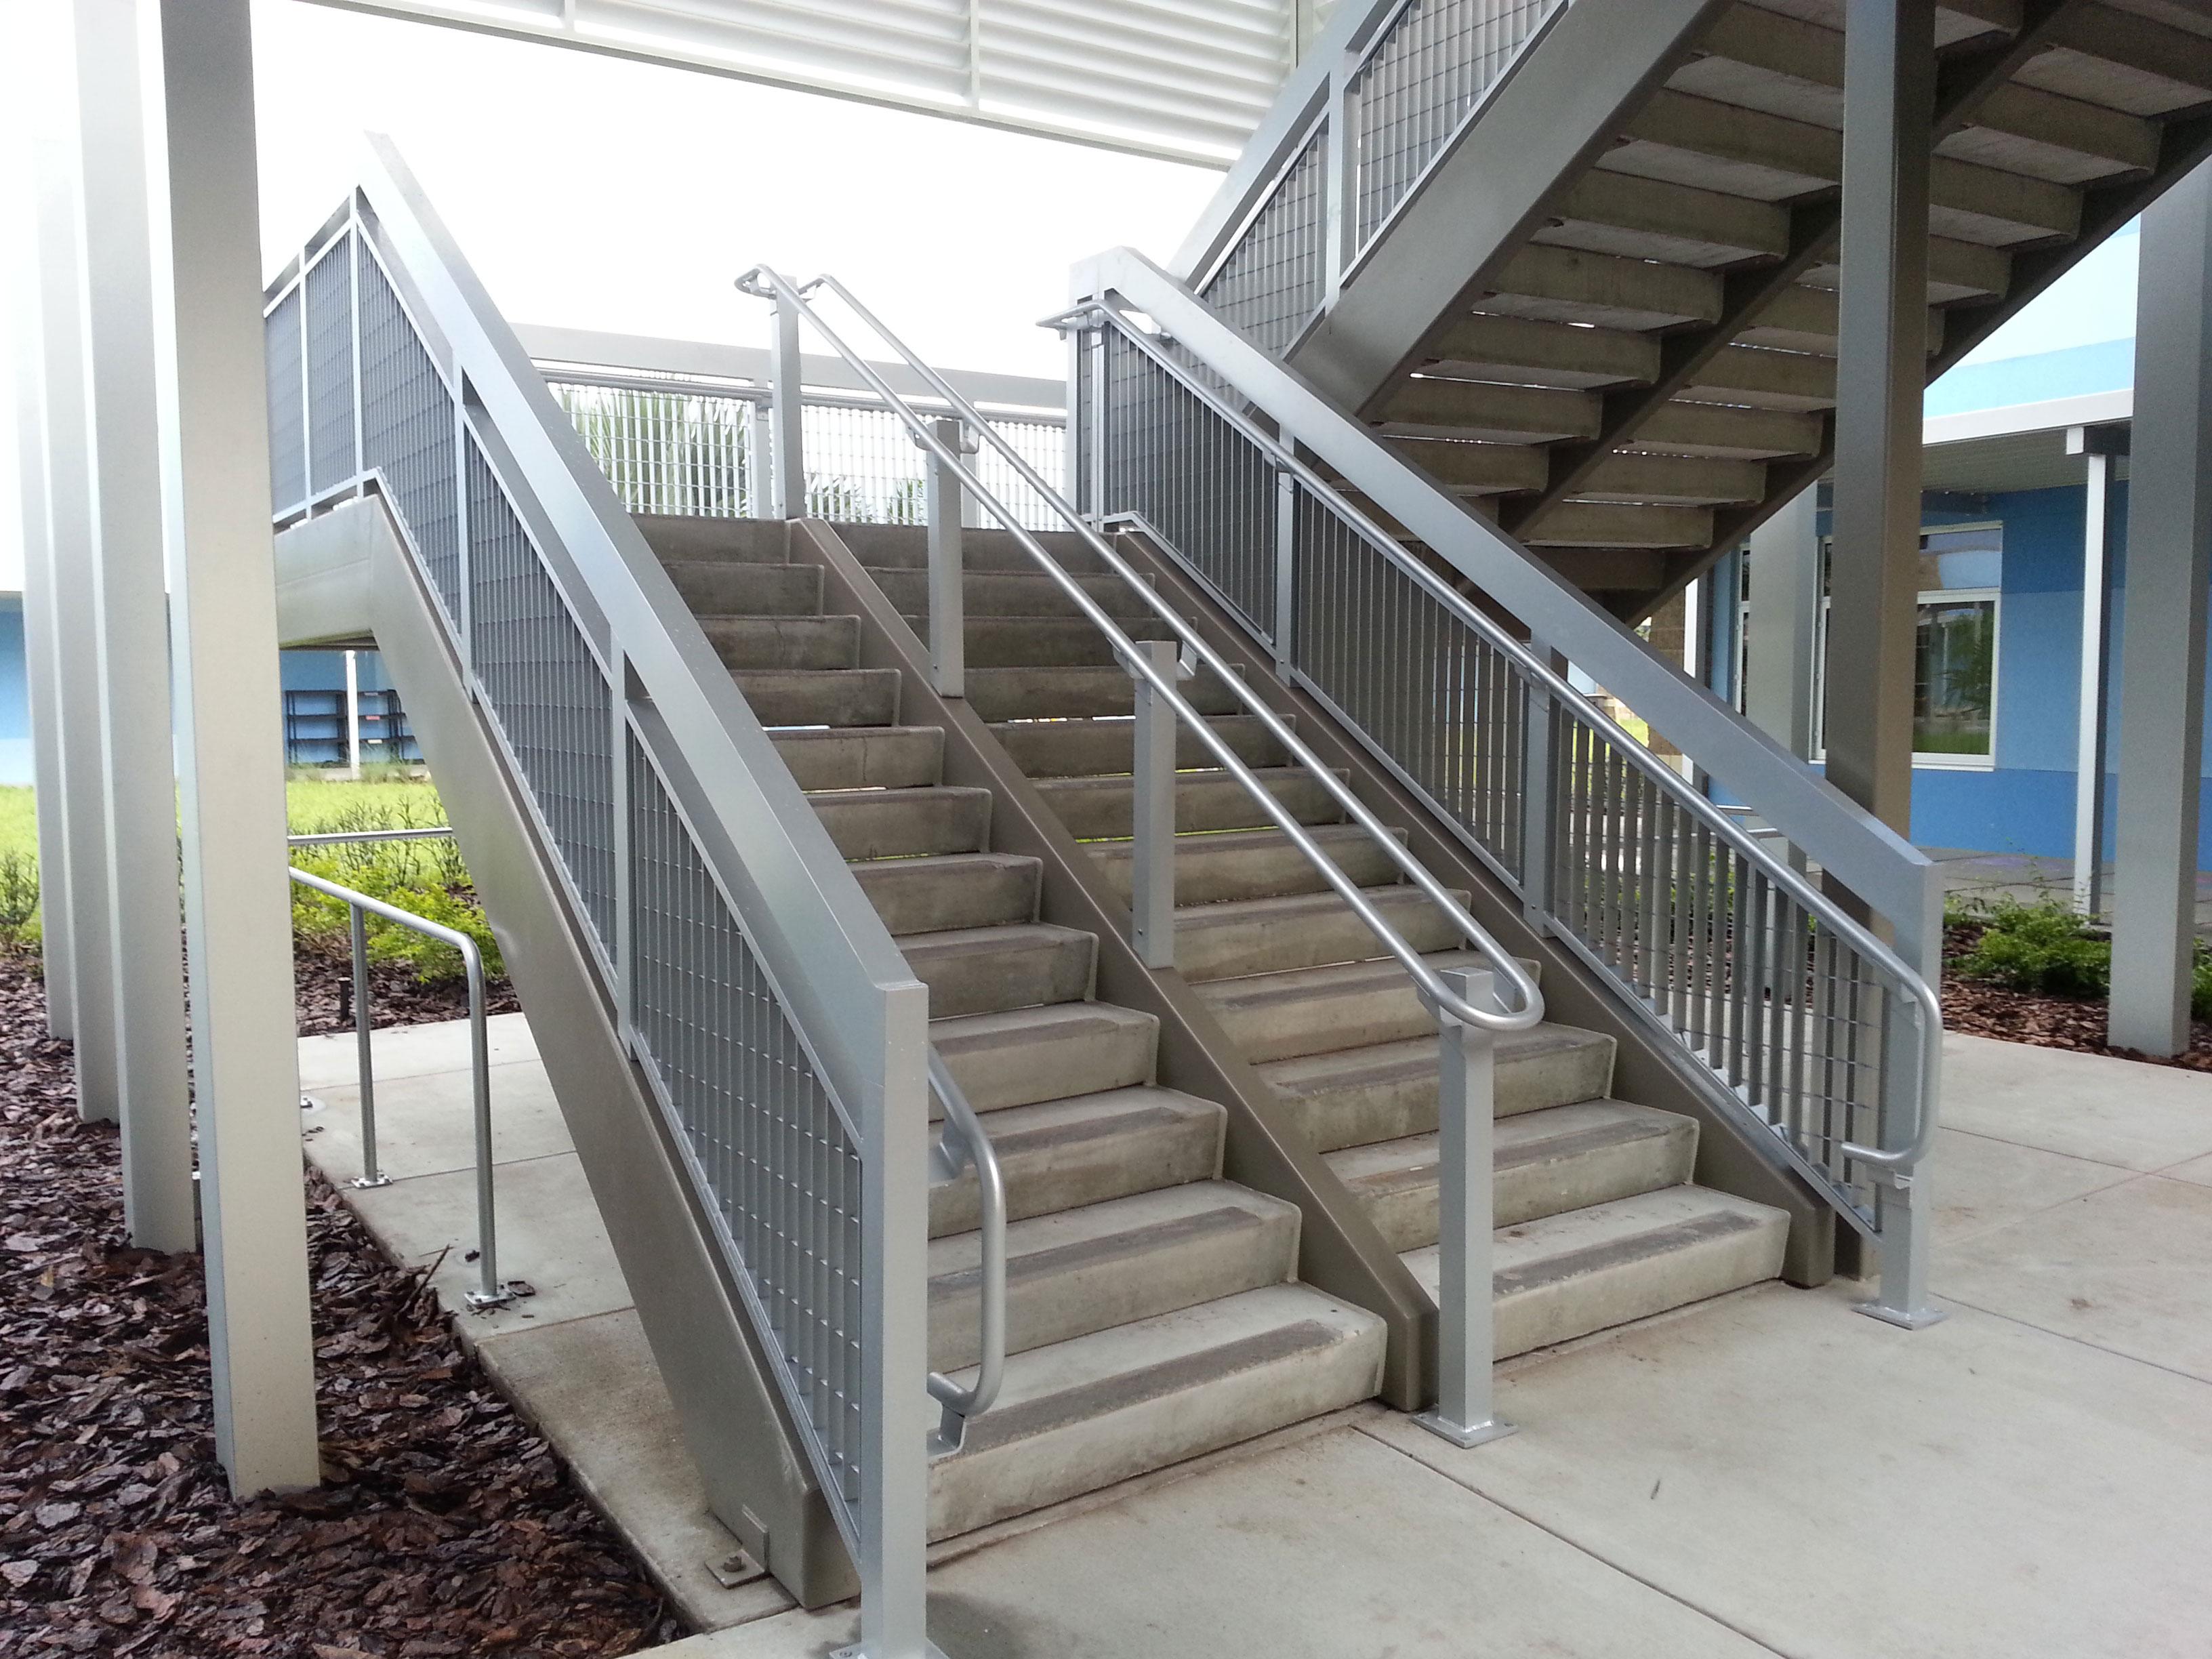 custom aluminum railings at Dawson Elementary